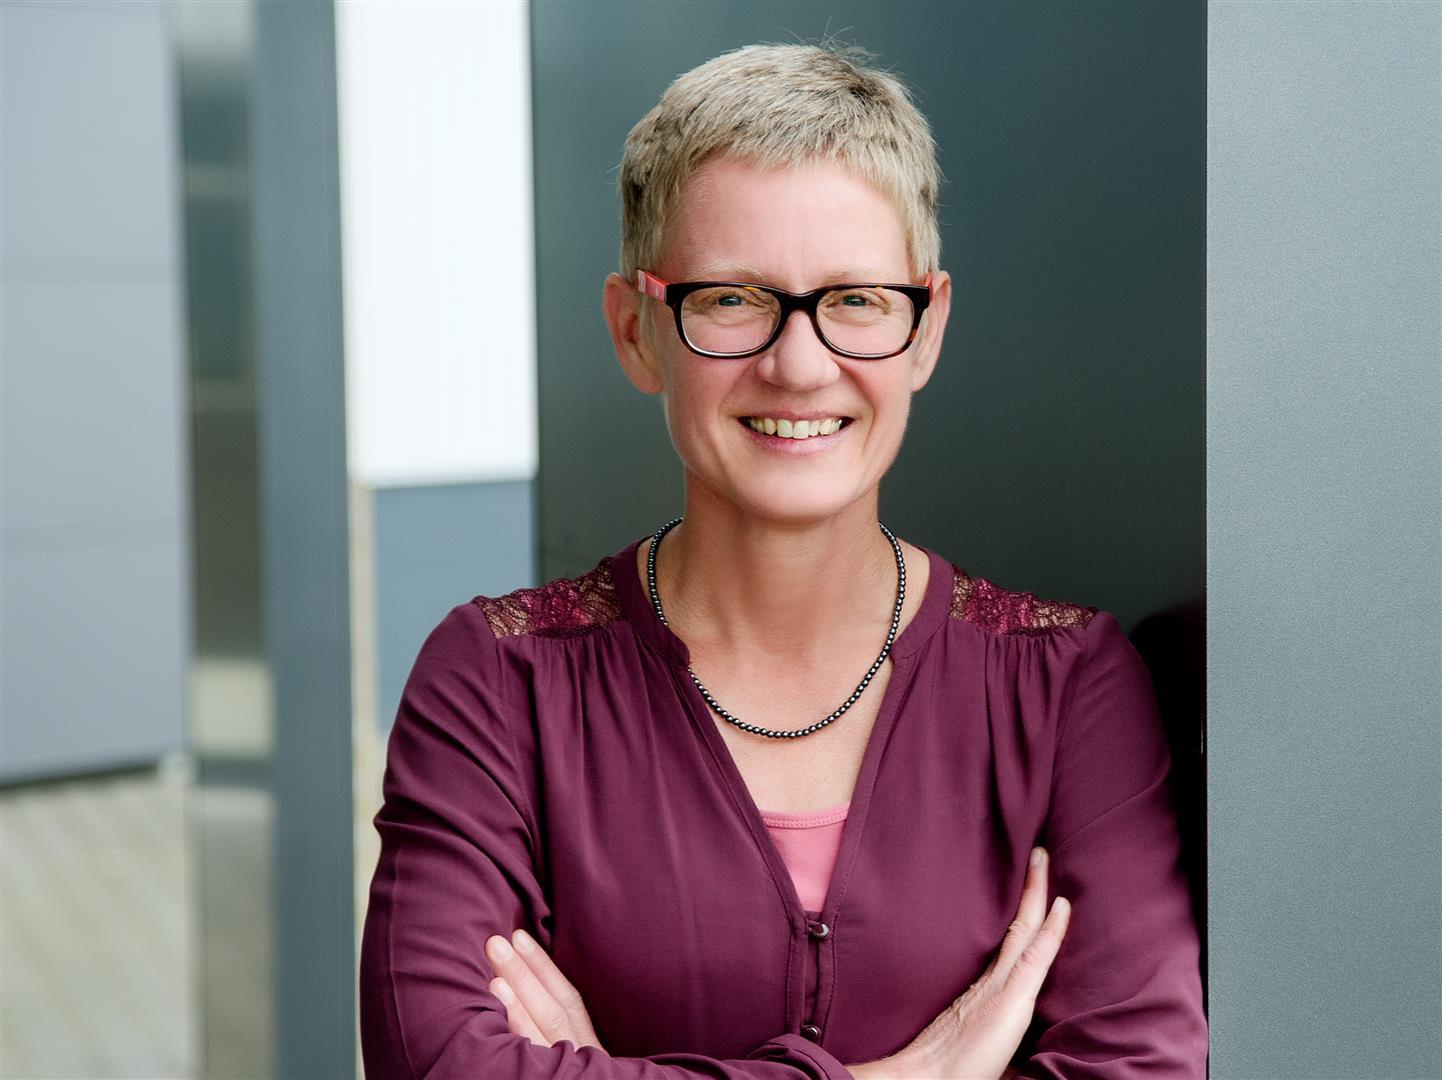 Ines Lehmann